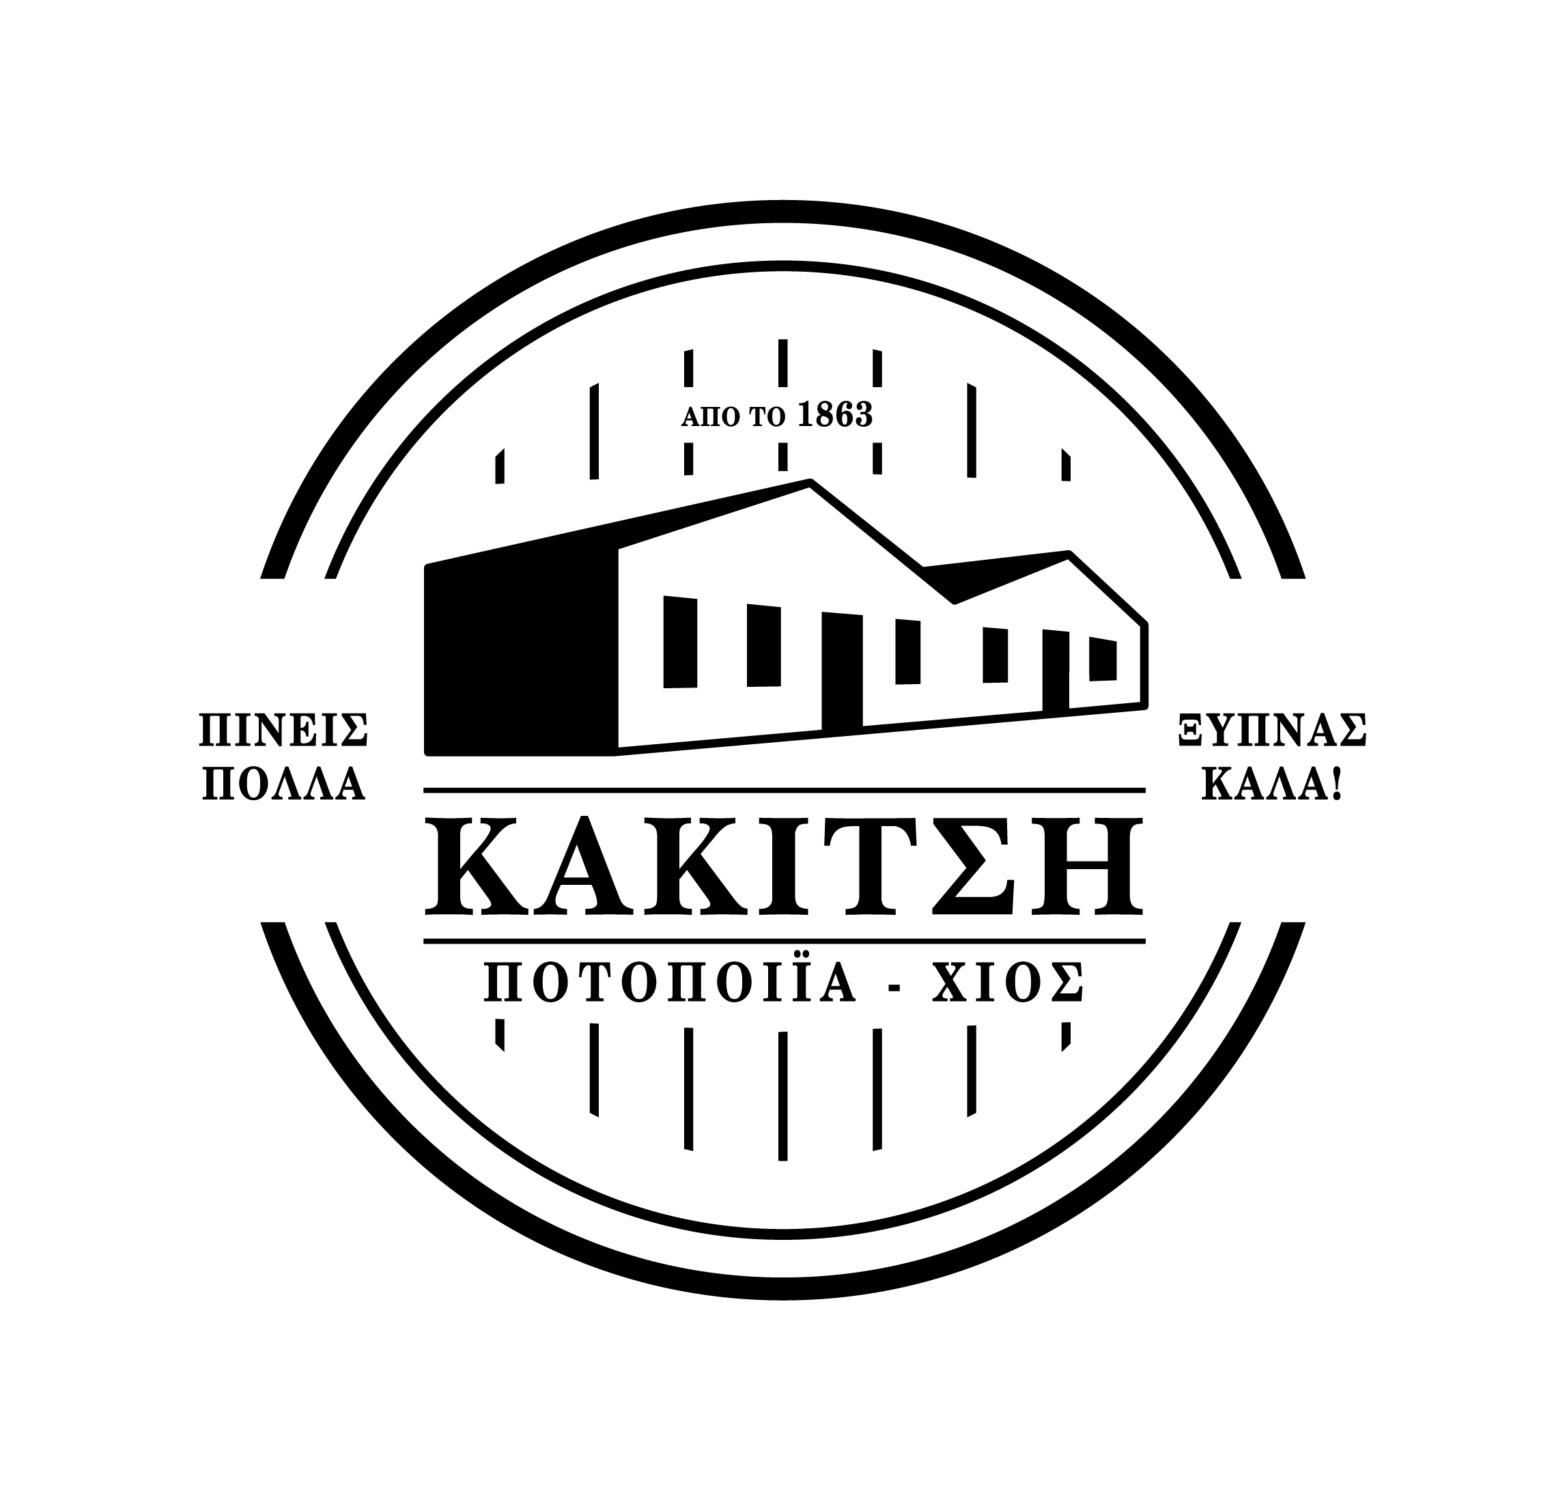 Ποτοποιϊα Κακίτση